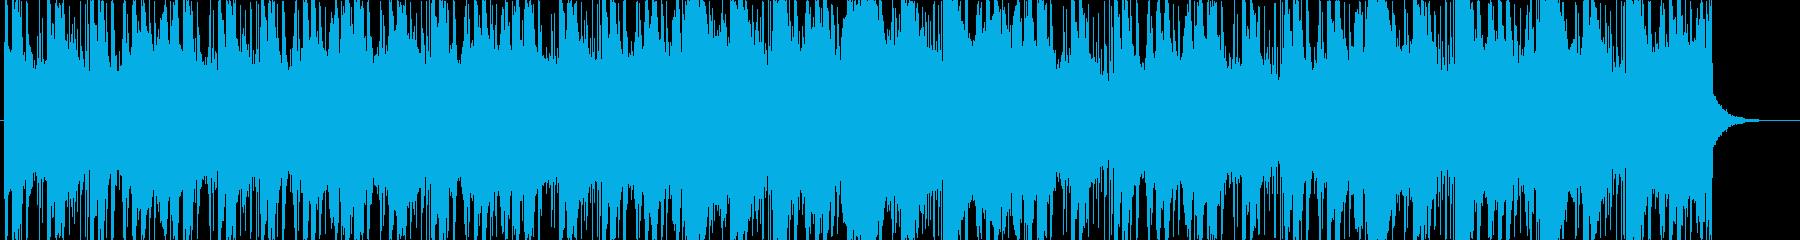 笙・琵琶等の和楽器を使った怪しげな曲の再生済みの波形